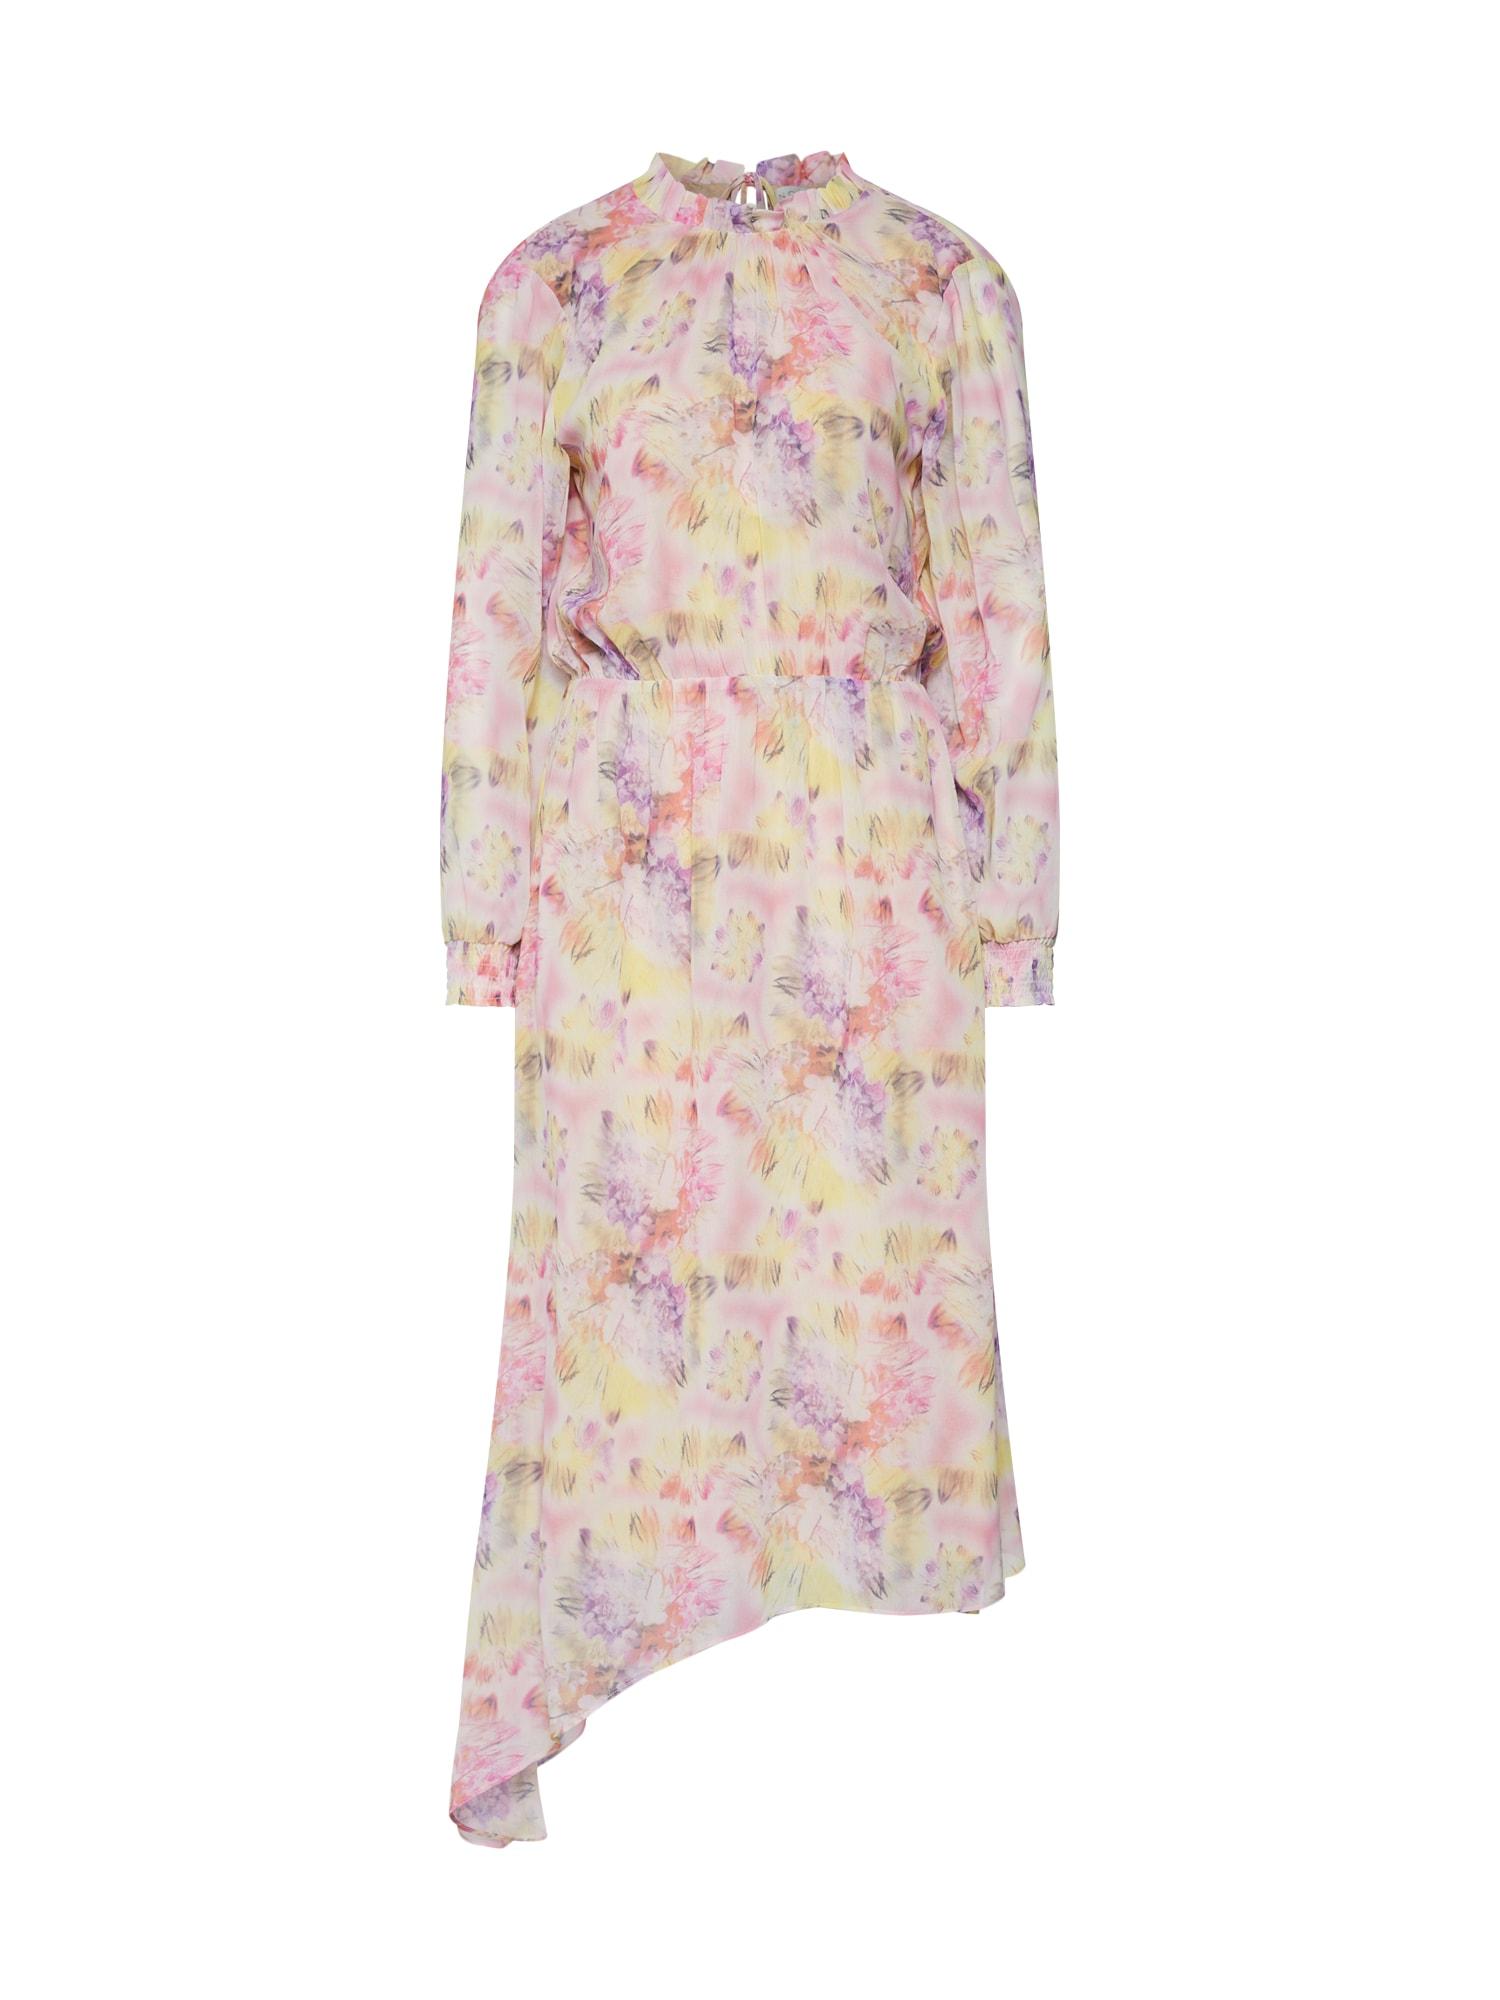 Letní šaty Dahlia béžová NORR